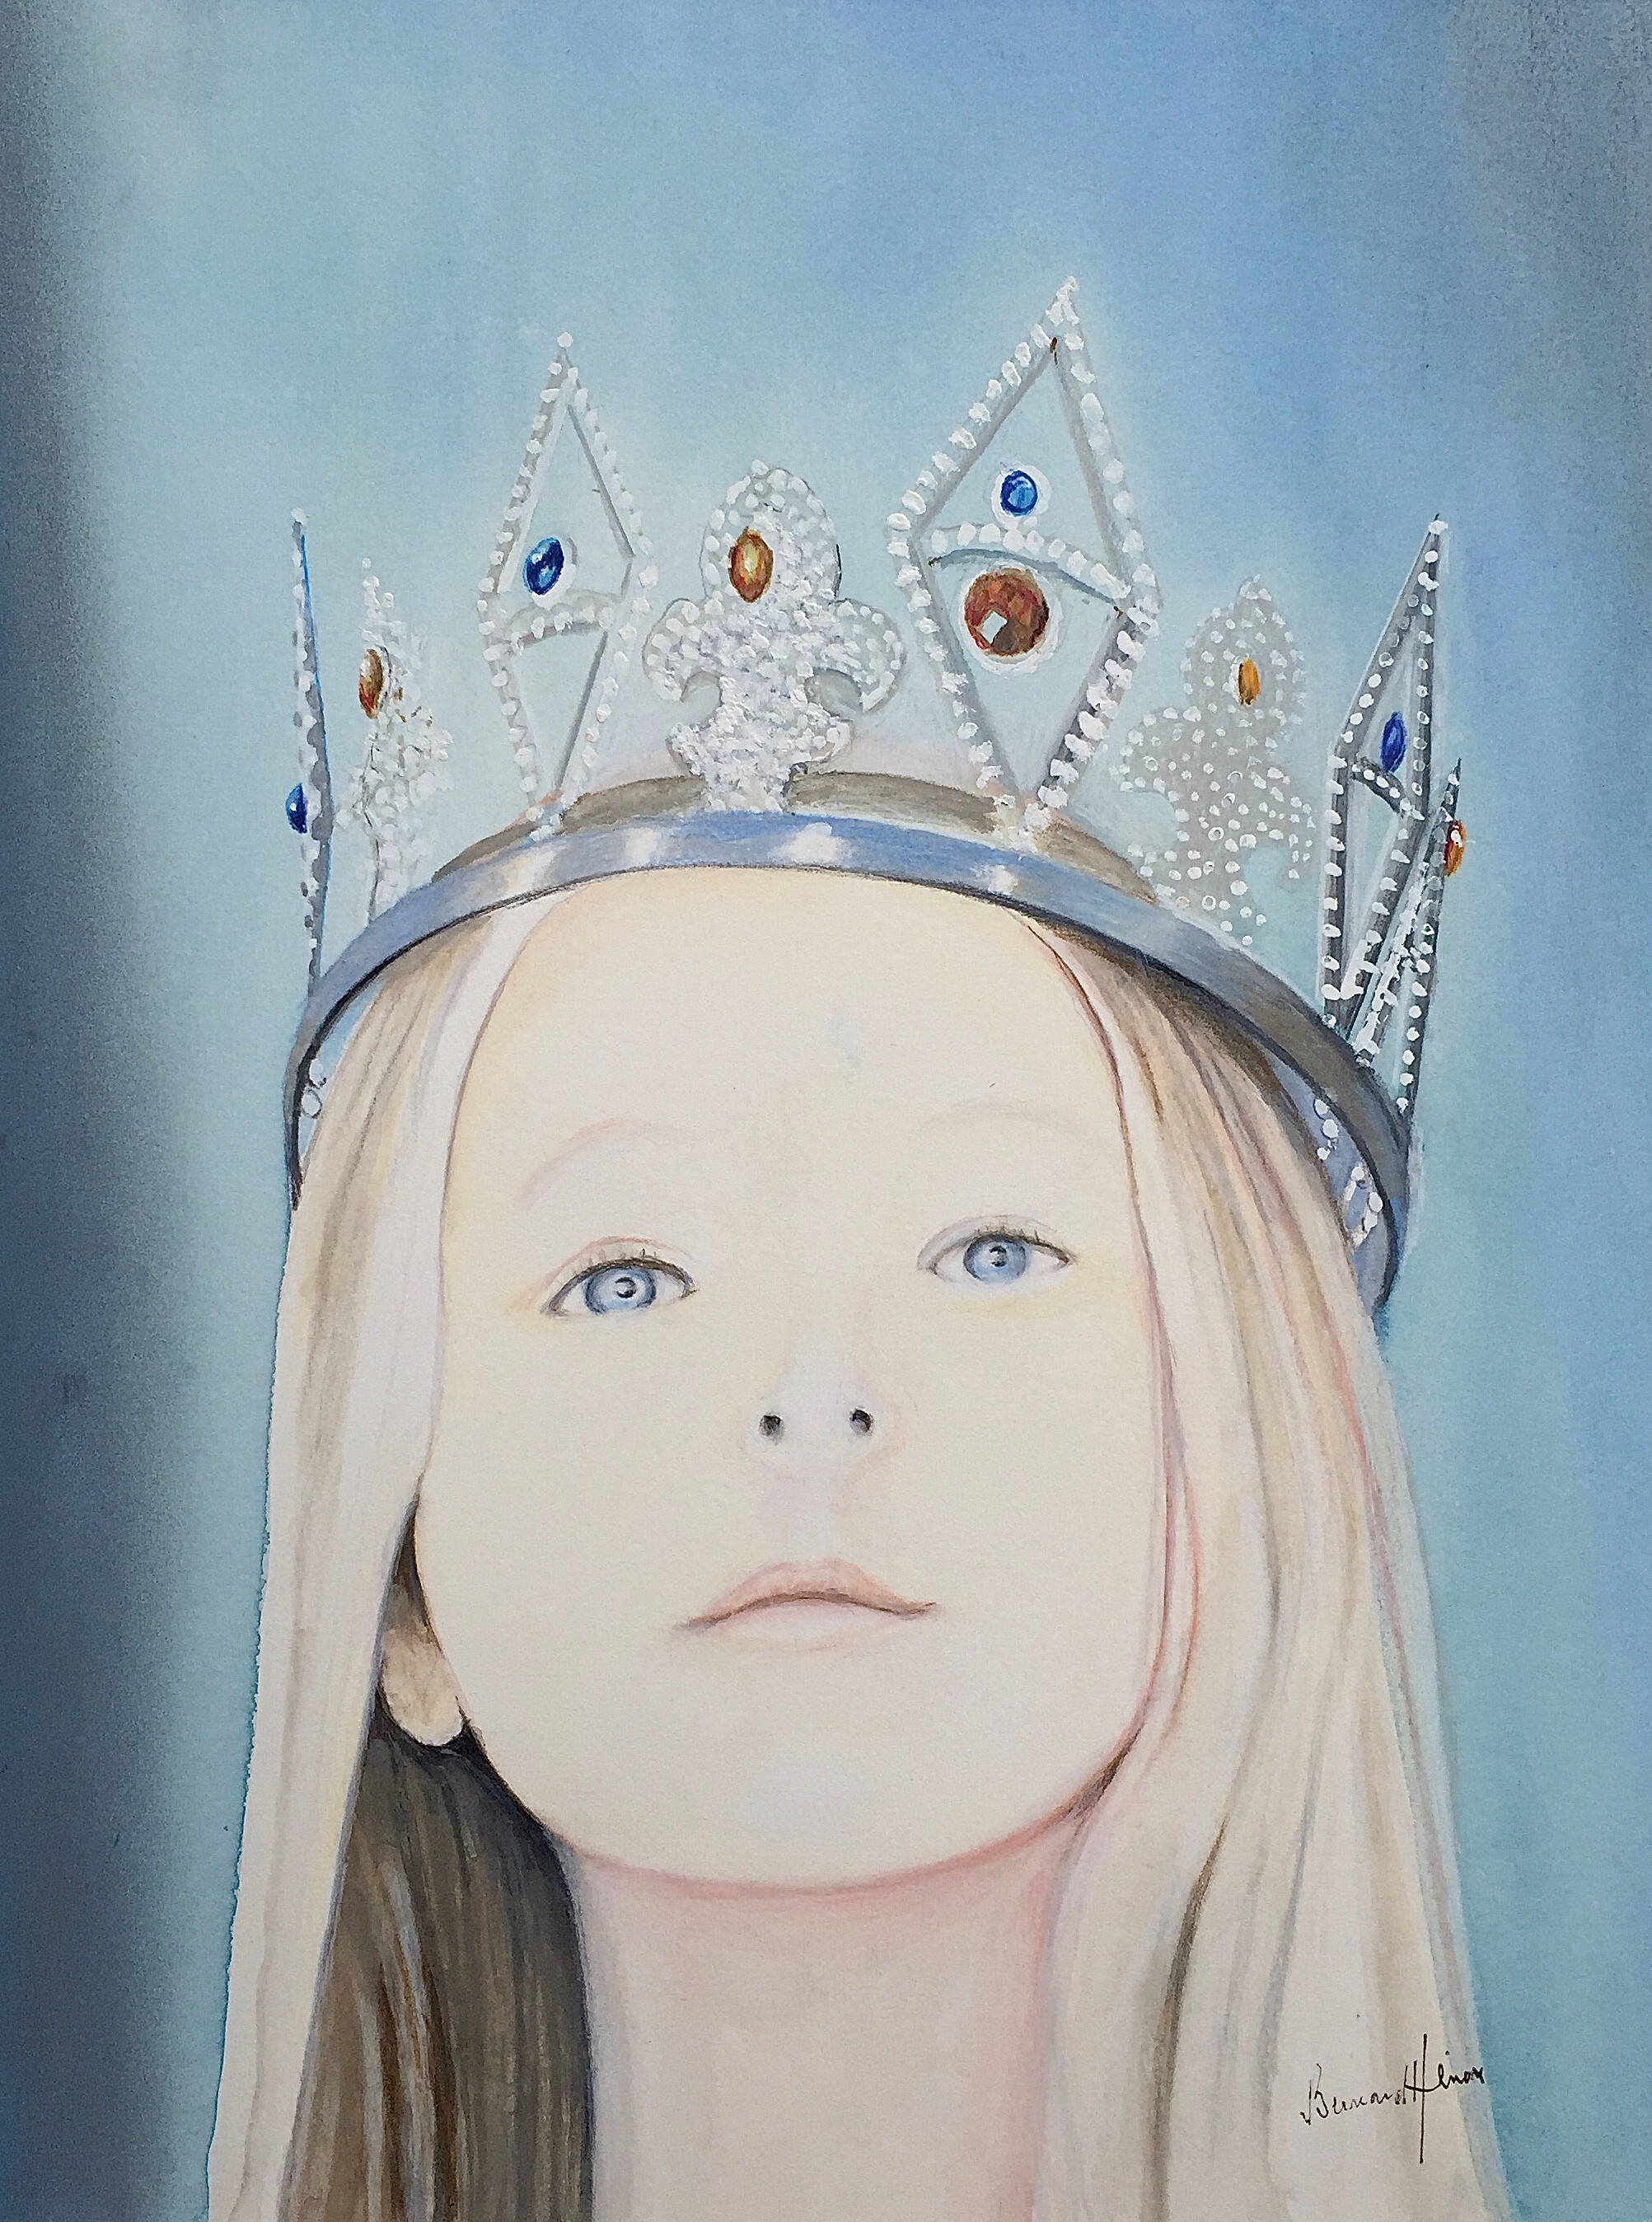 E le royaume de l enfant roi